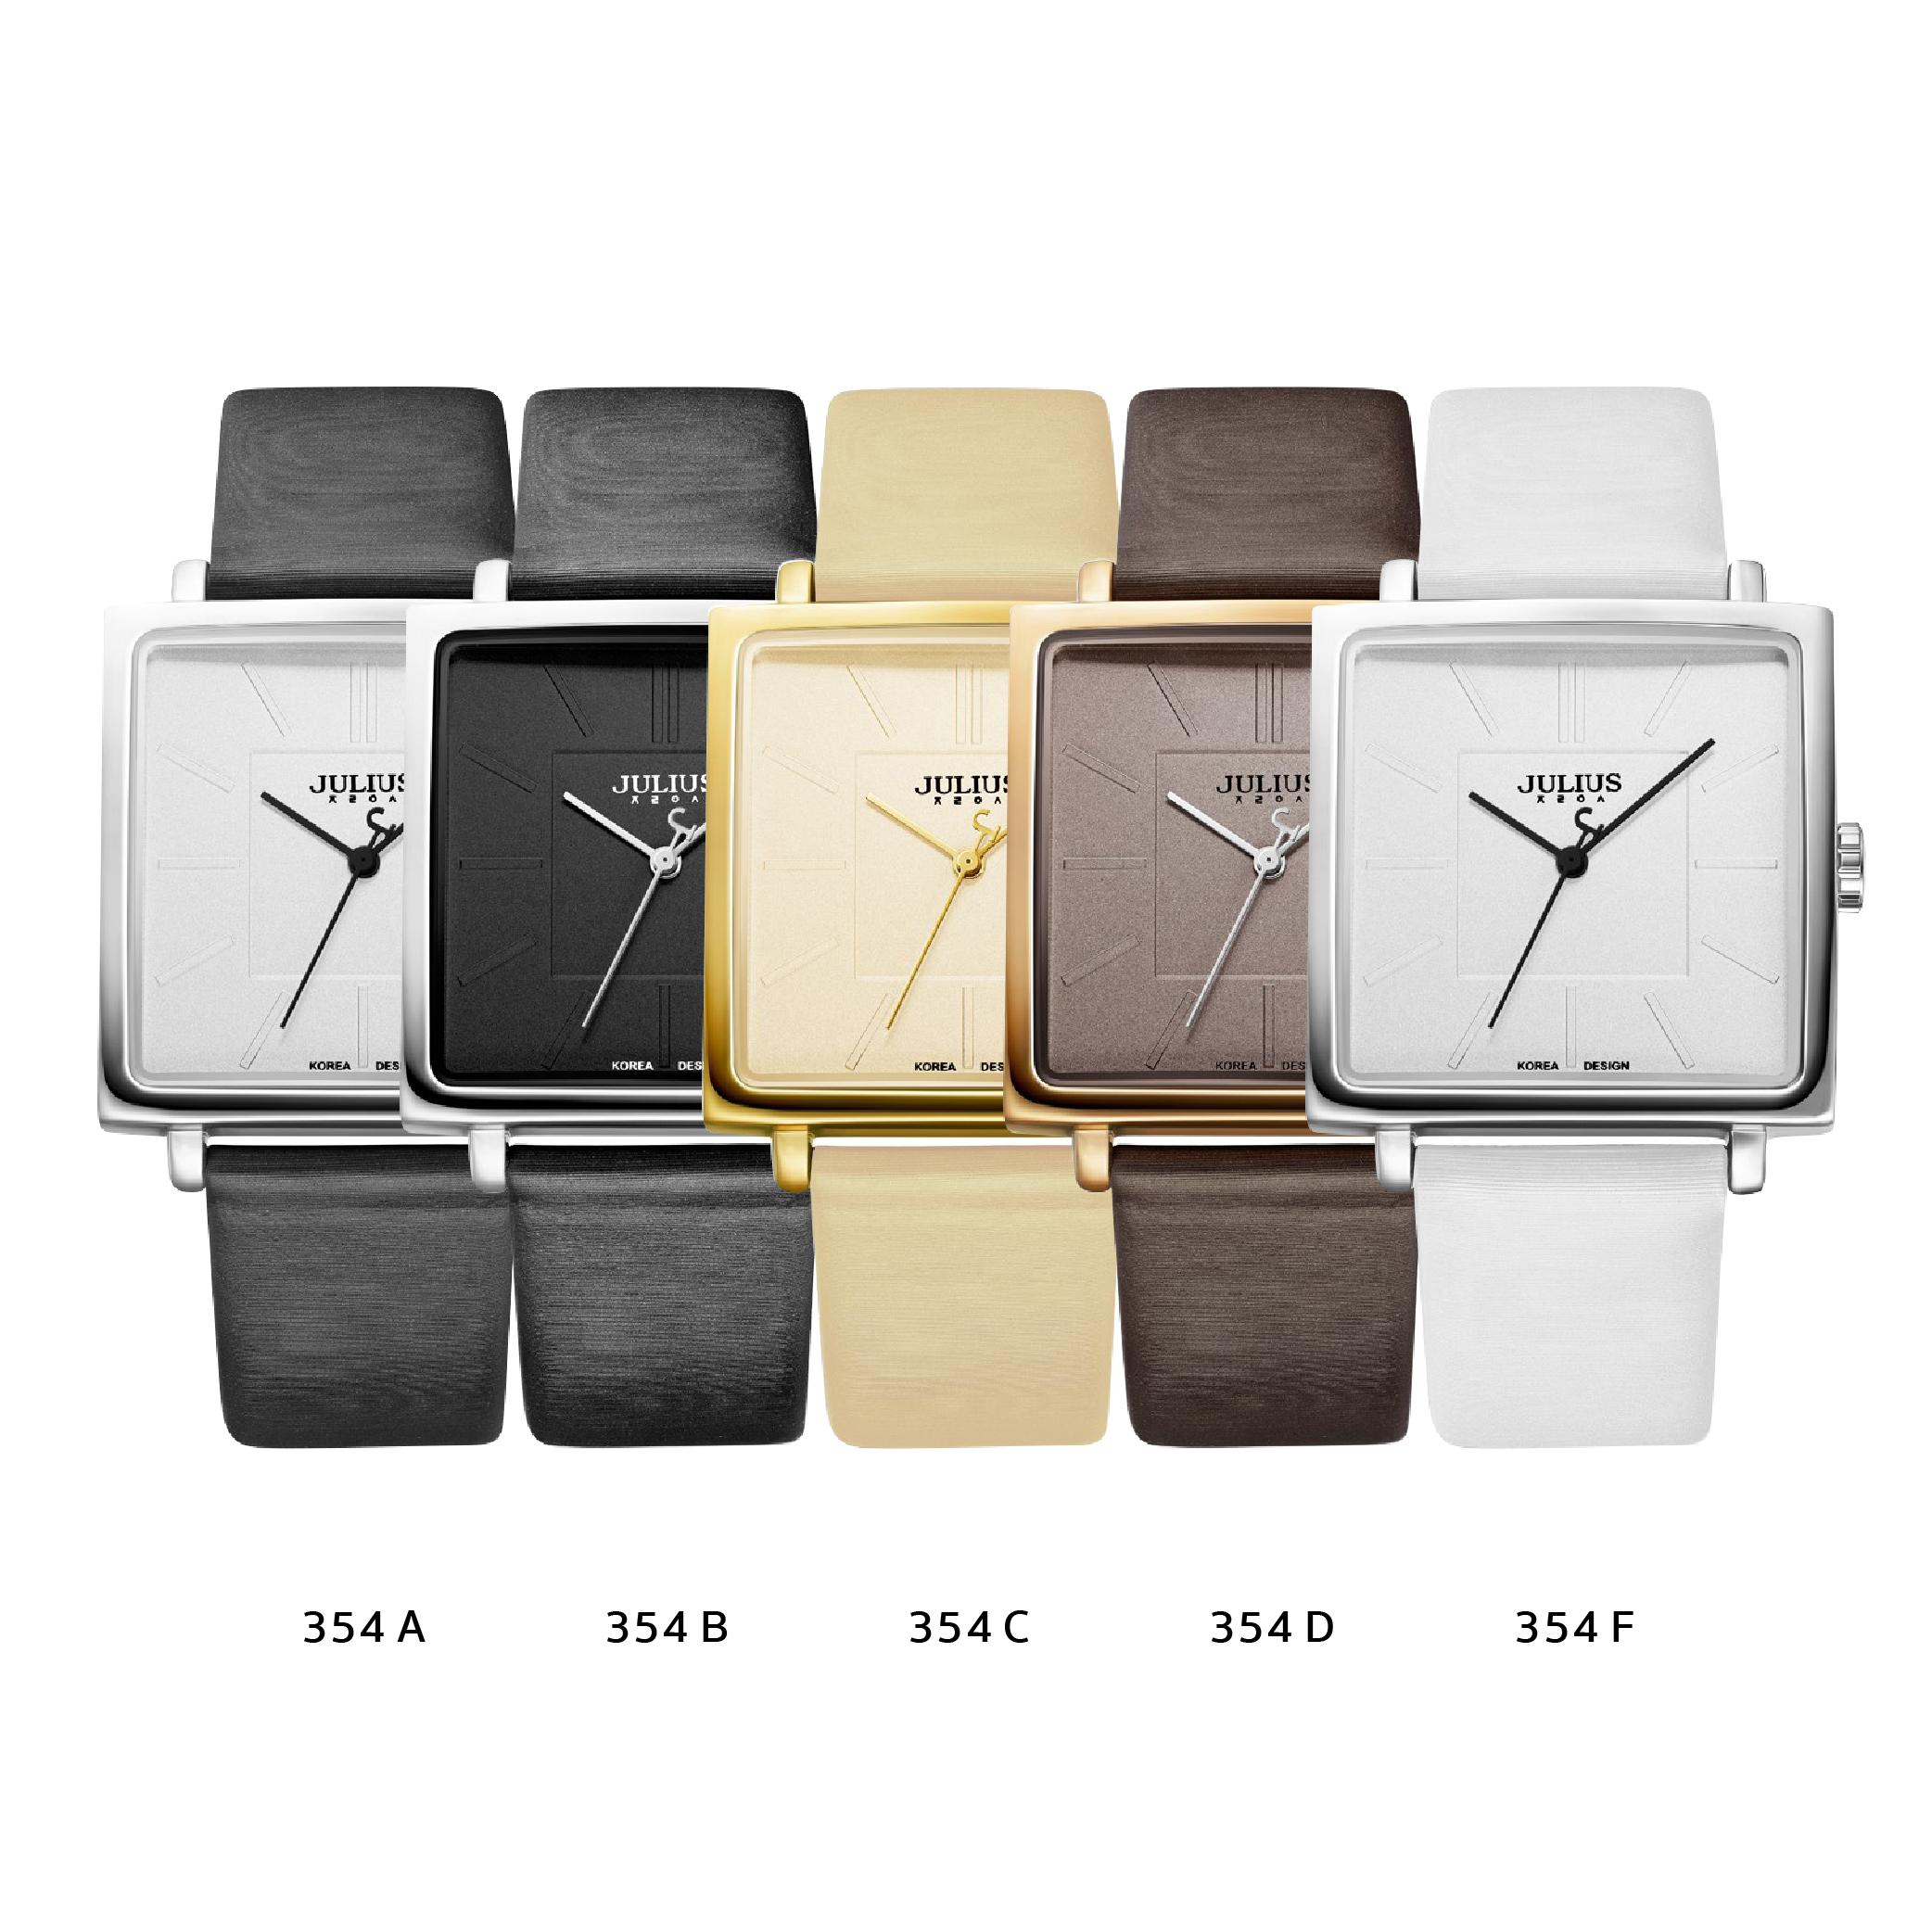 นาฬิกาข้อมือผู้หญิง JULIUS JA-354 F